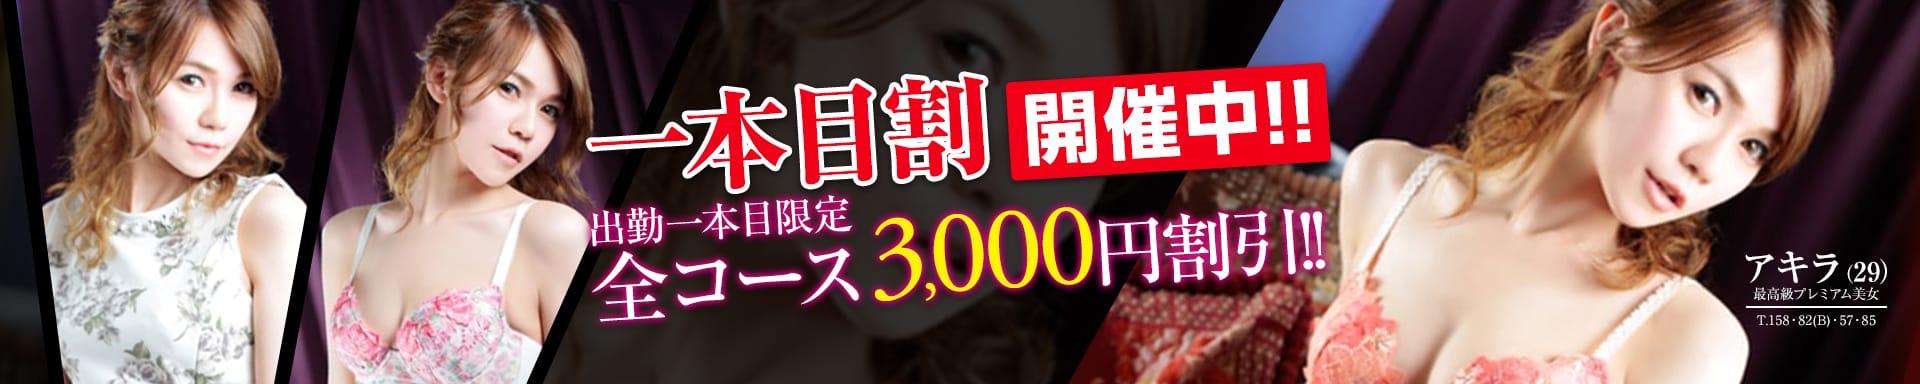 【福岡デリヘル】20代・30代★博多で評判のお店はココです! その2